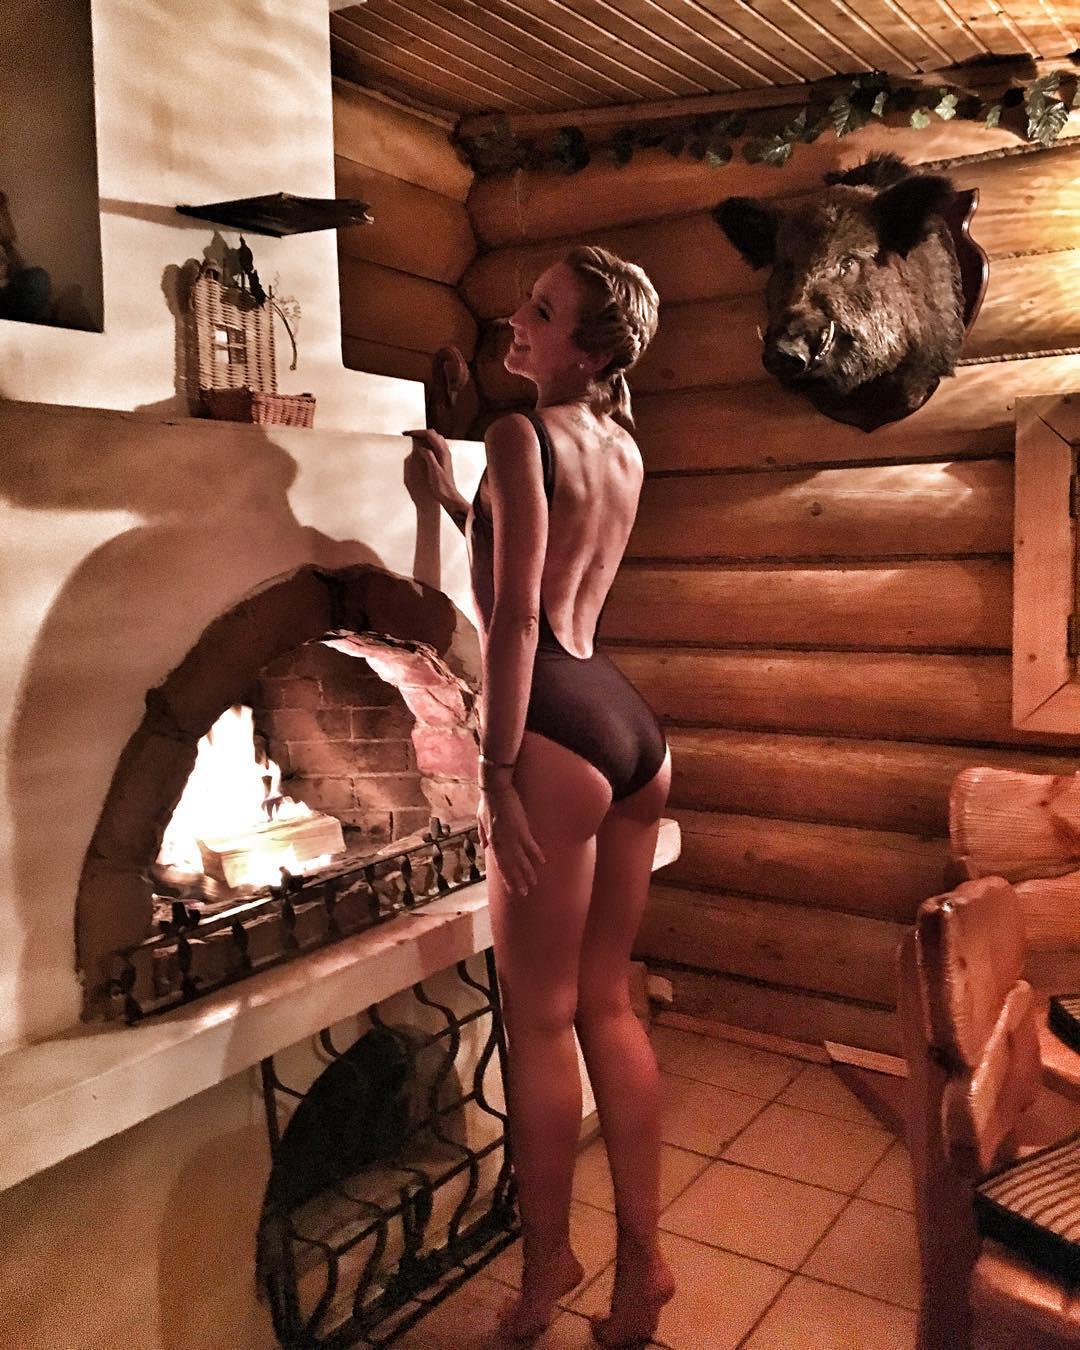 голая Ольга Бузова 21 фото  голые знаменитости